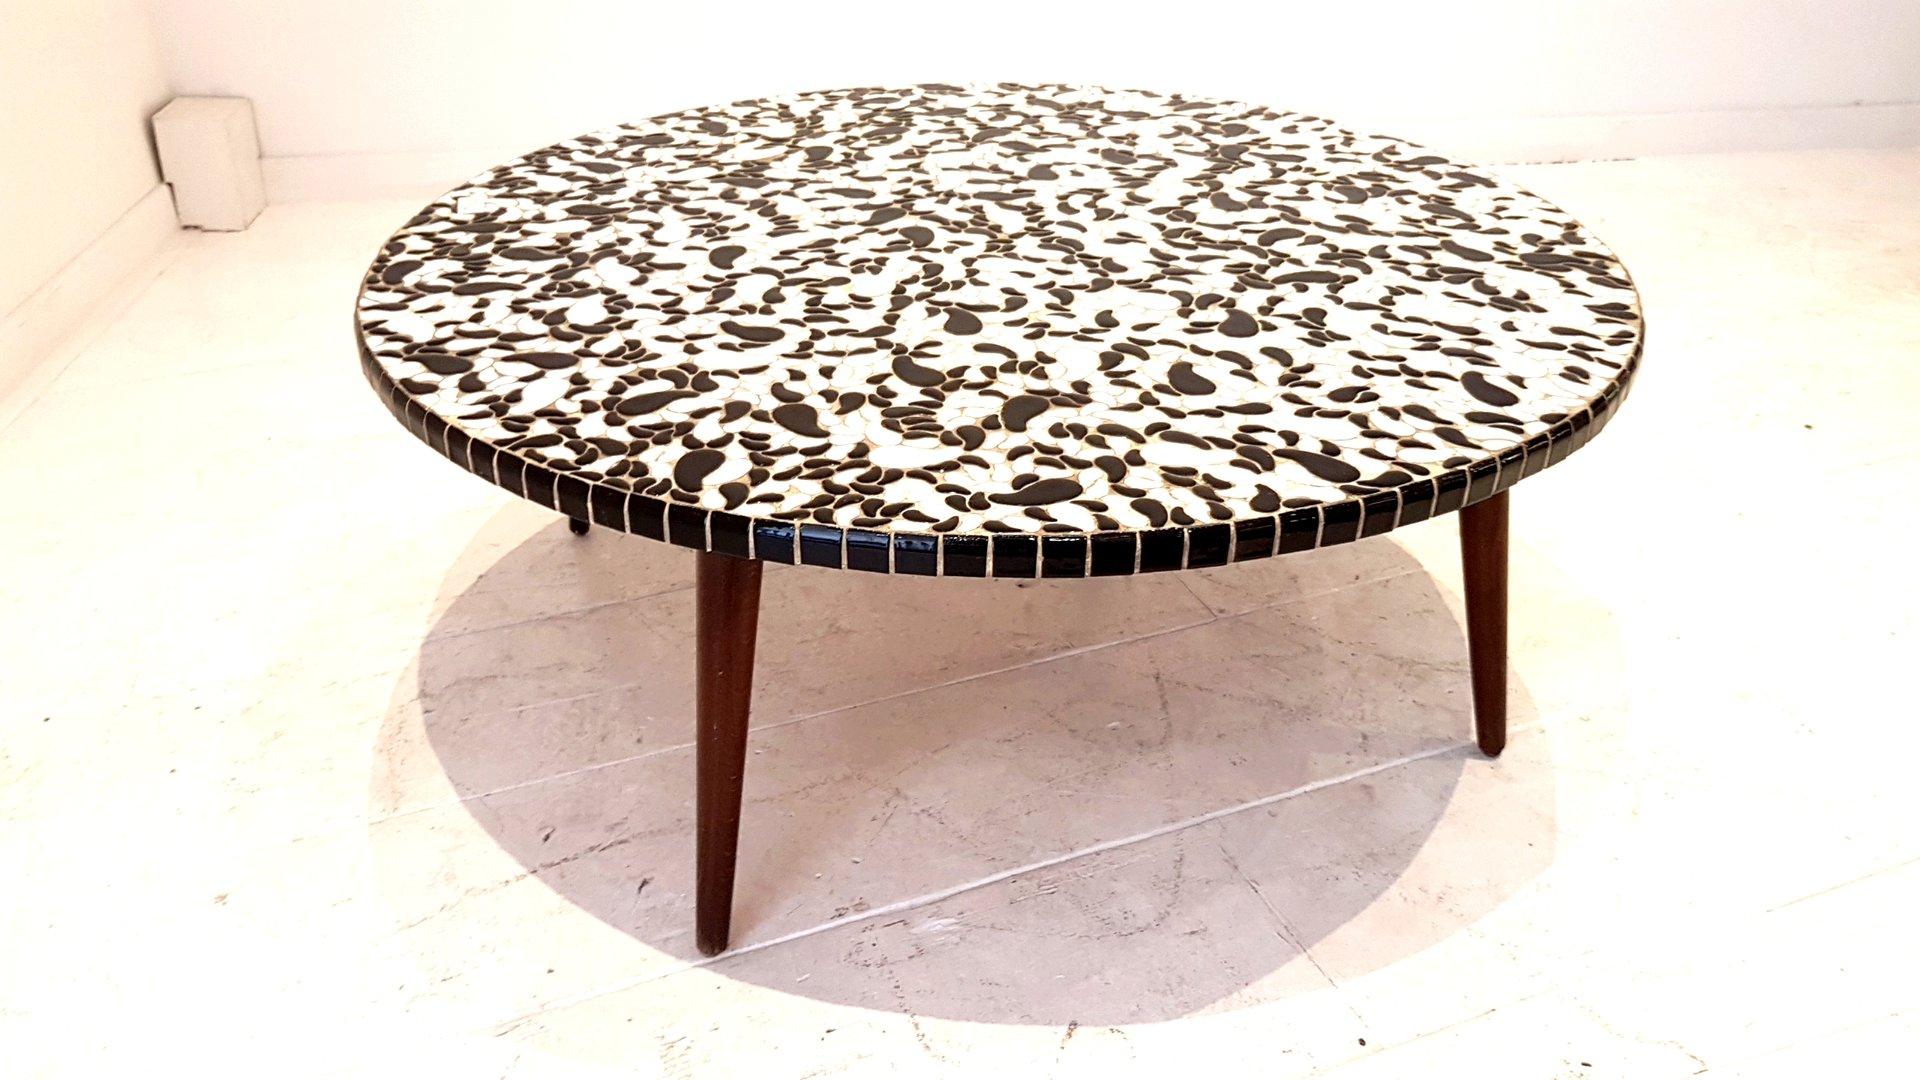 Runder Keramik Tisch in Schwarz & Weiß, 1950er